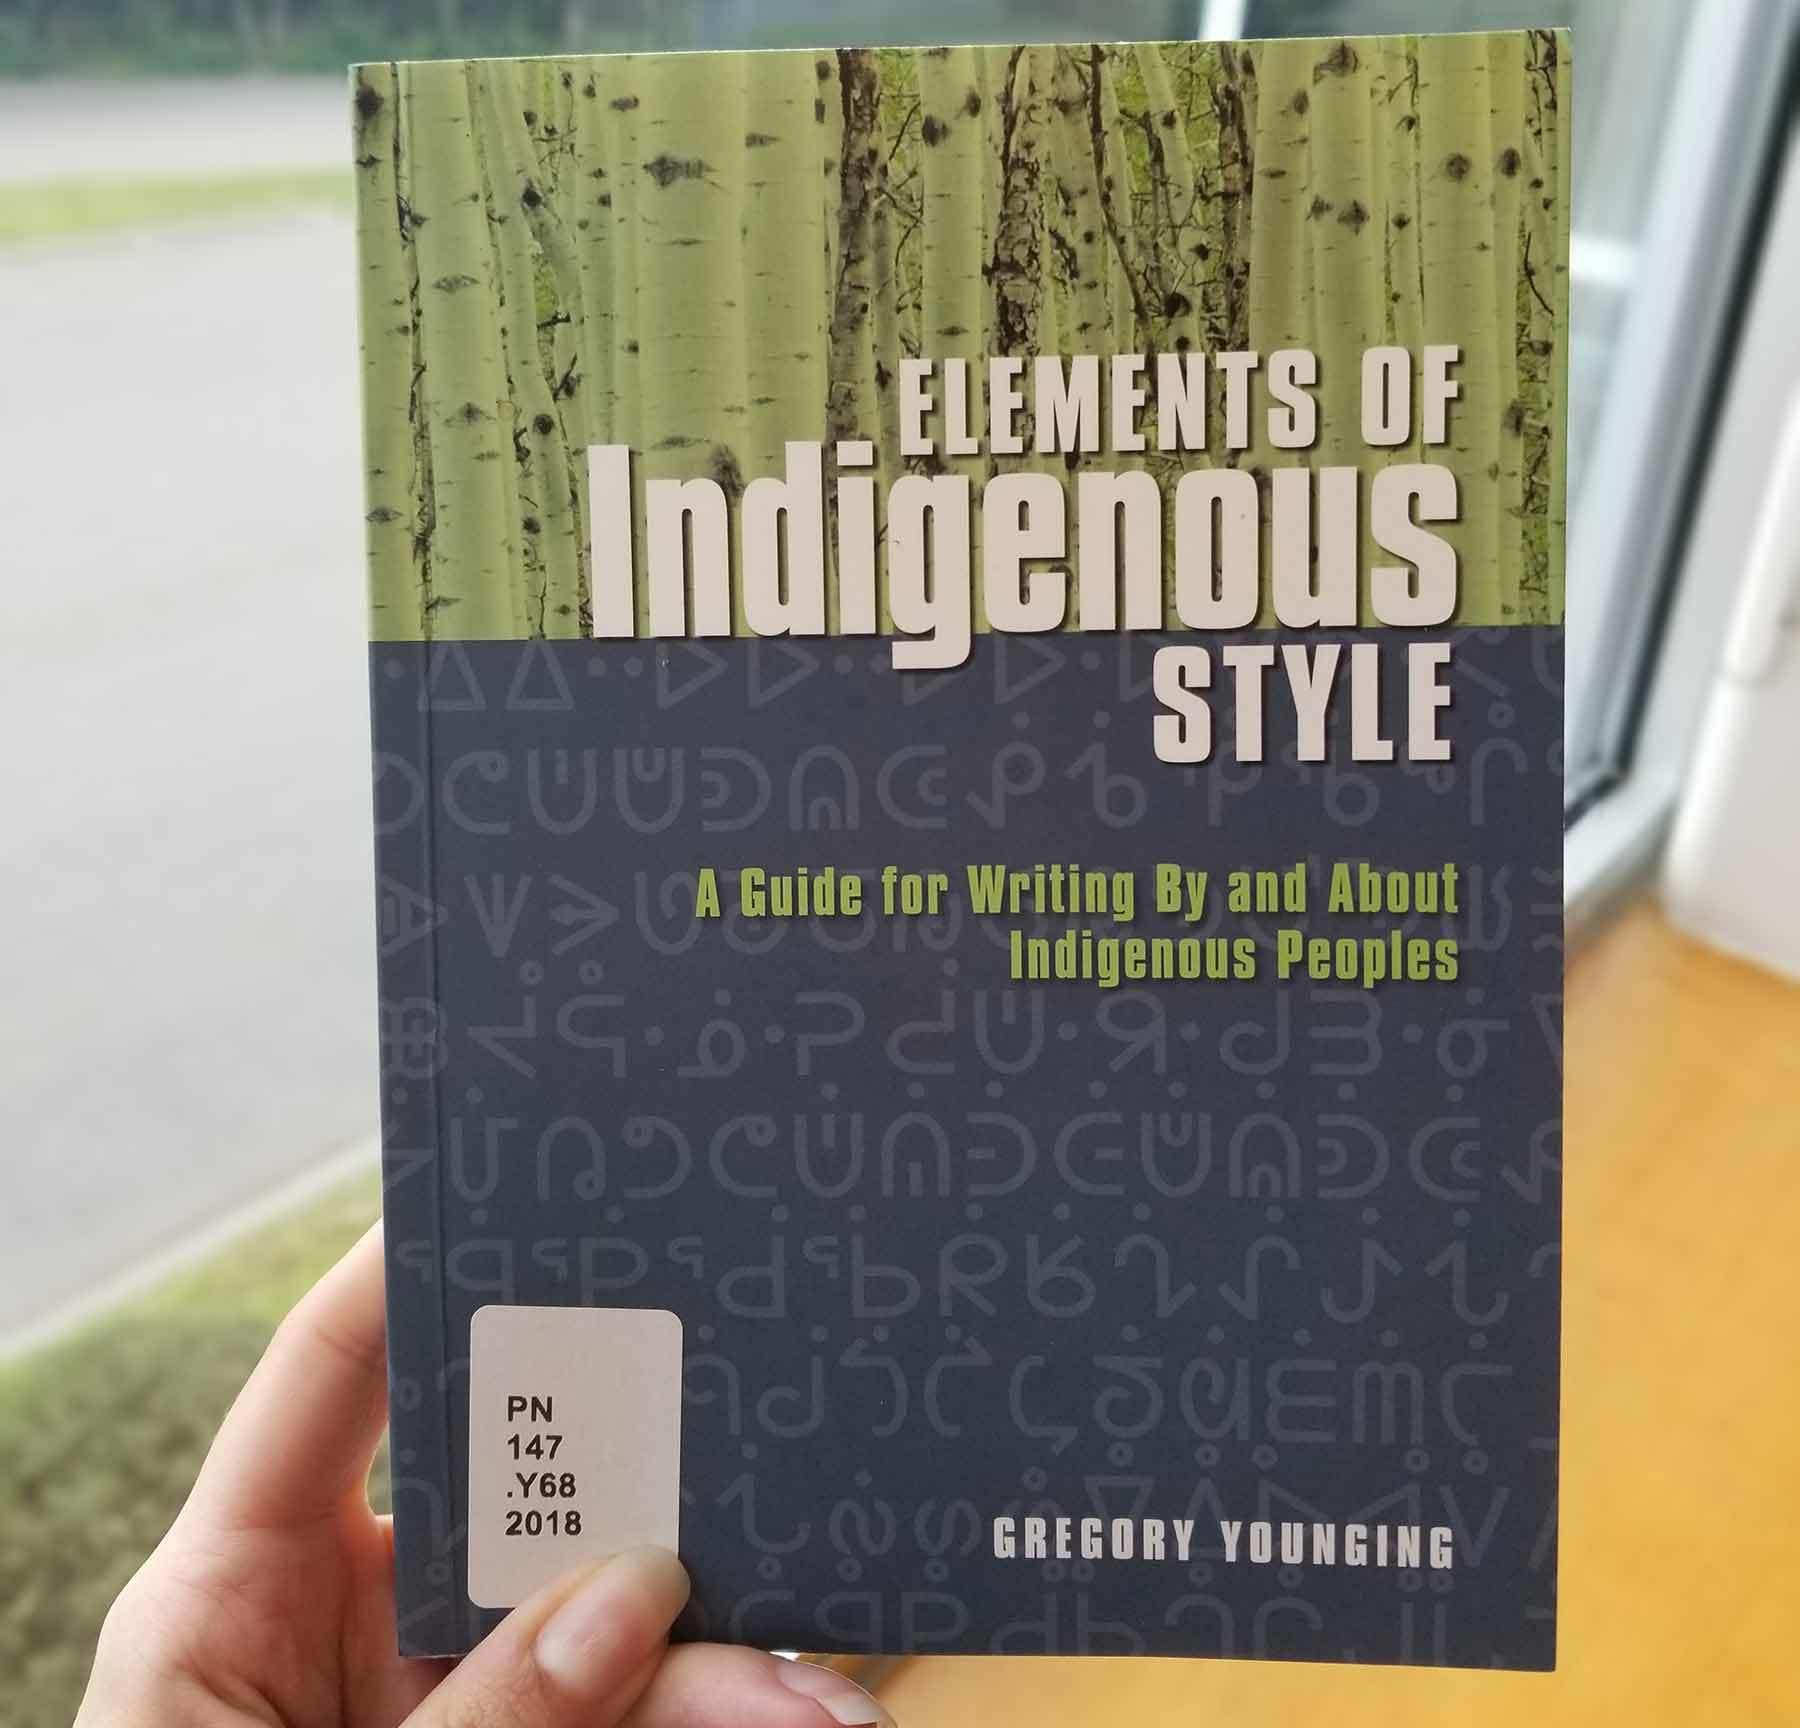 pem.org   File Under: Indigenous